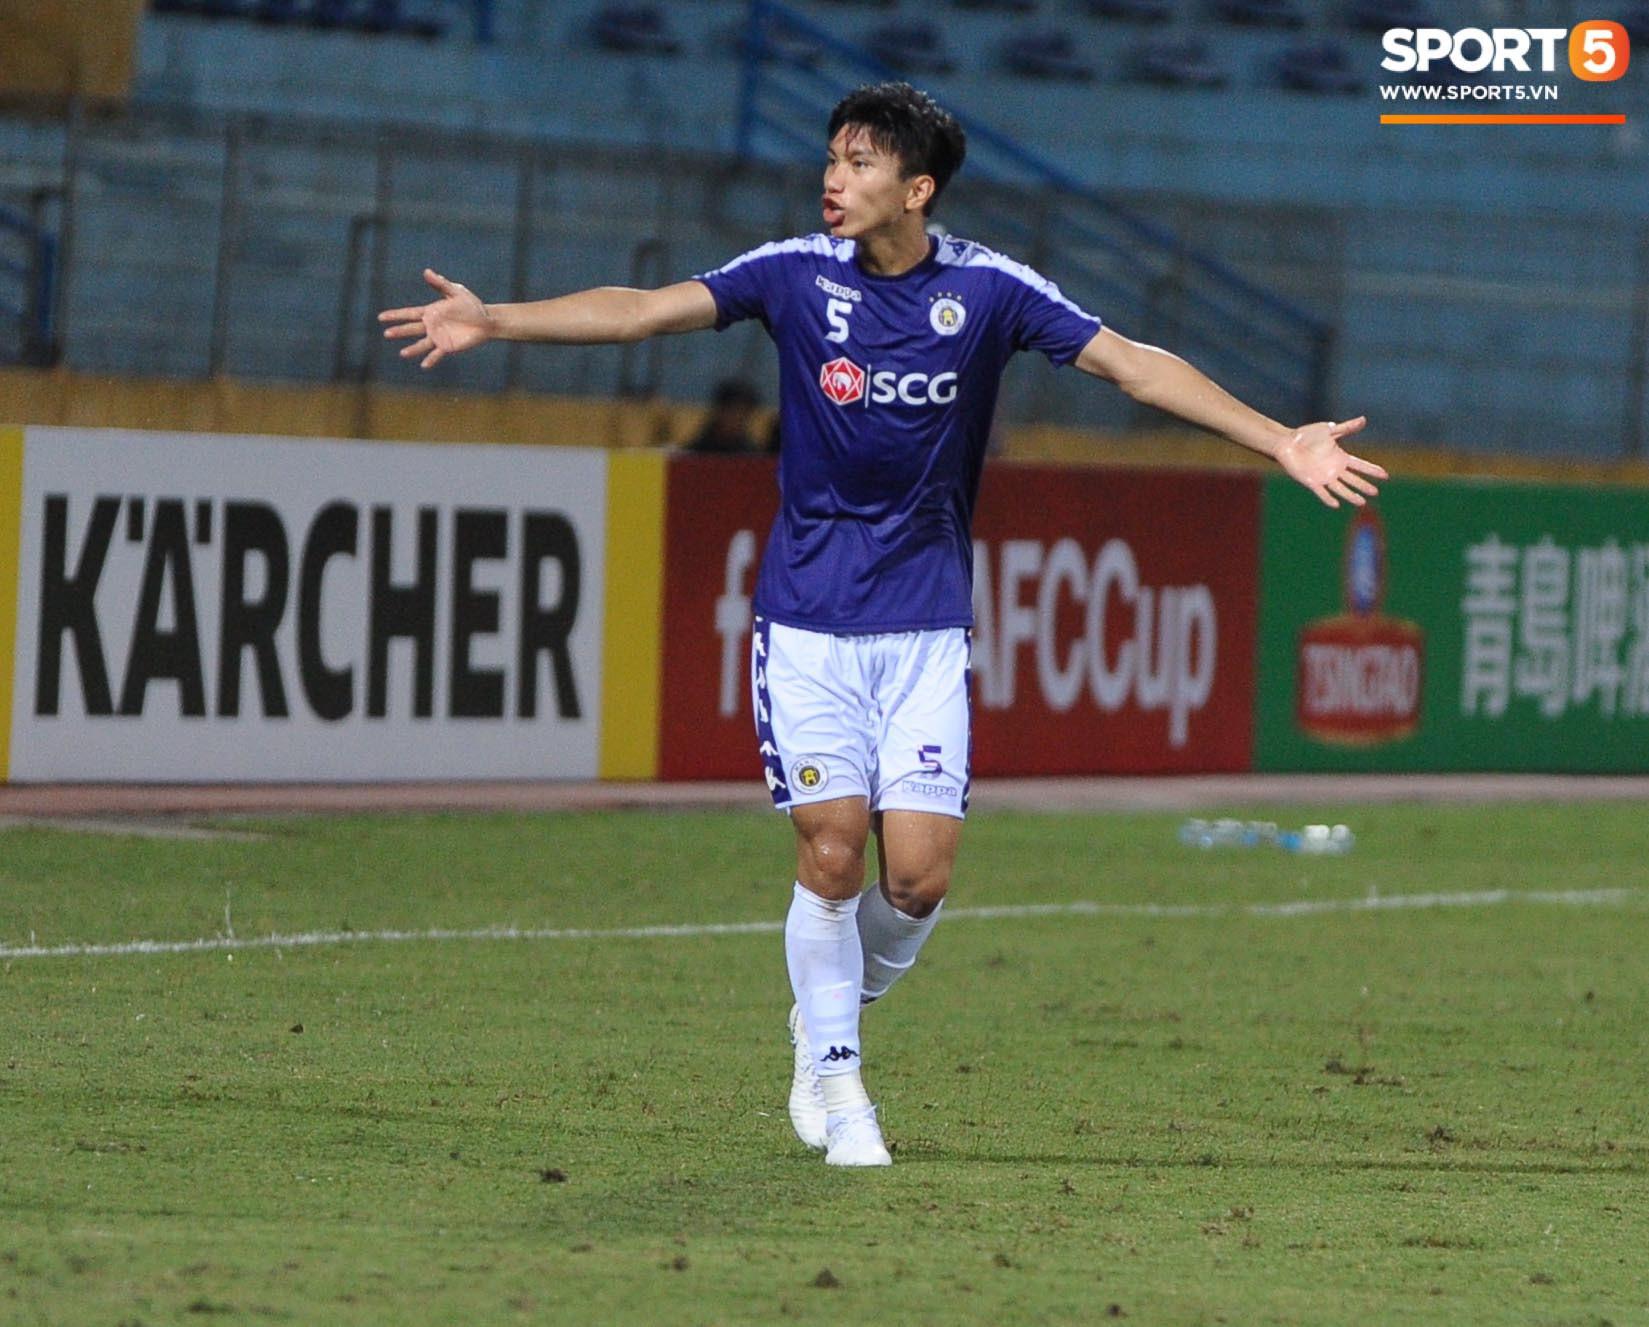 Trước tin đồn đến châu Âu thi đấu, Đoàn Văn Hậu vẫn nỗ lực hết mình vì Hà Nội FC-4